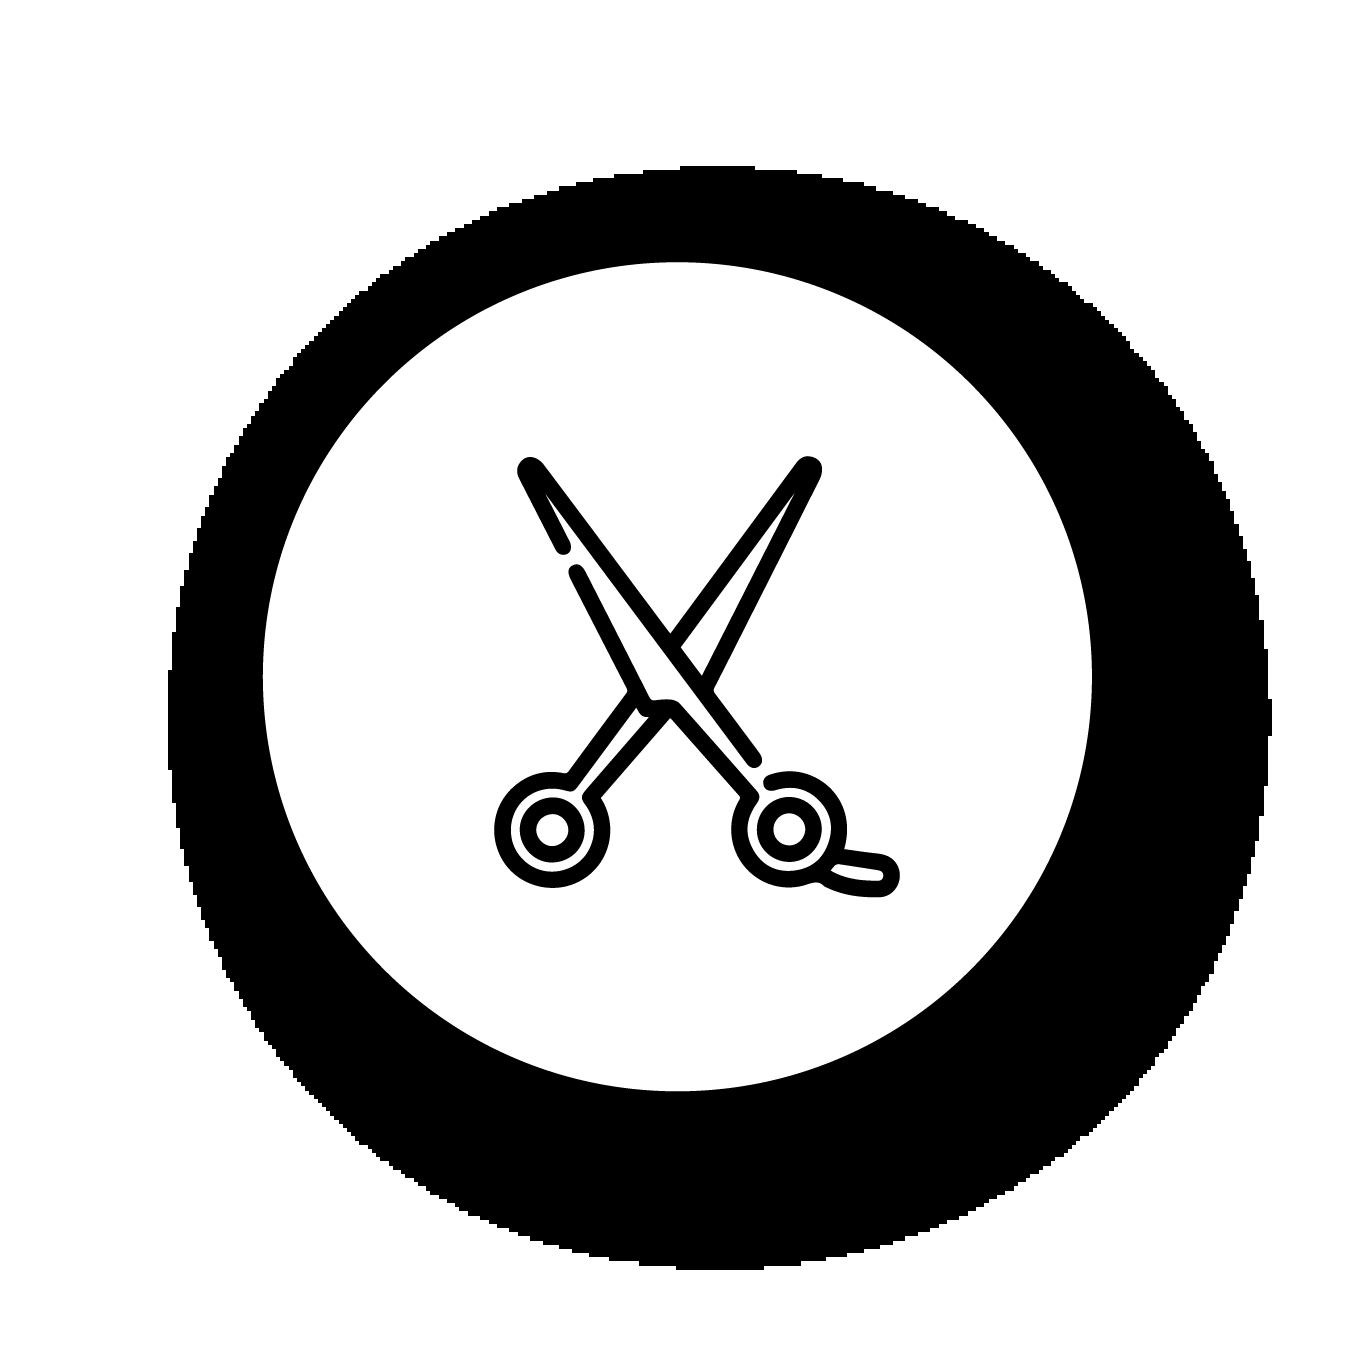 pictos-services-coiffure